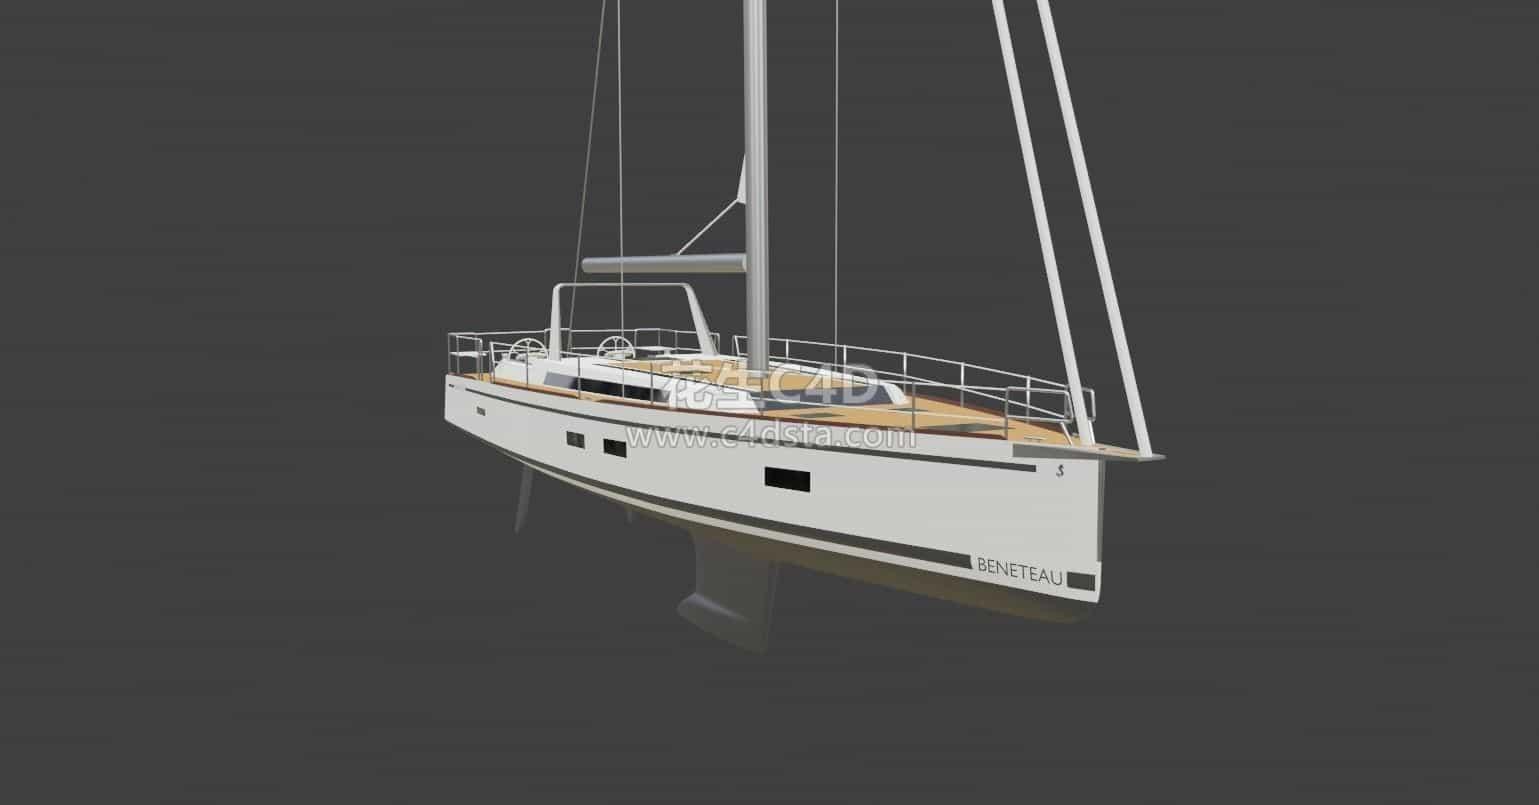 三维模型-帆船模型船模型海上帆船模型 626CG资源站